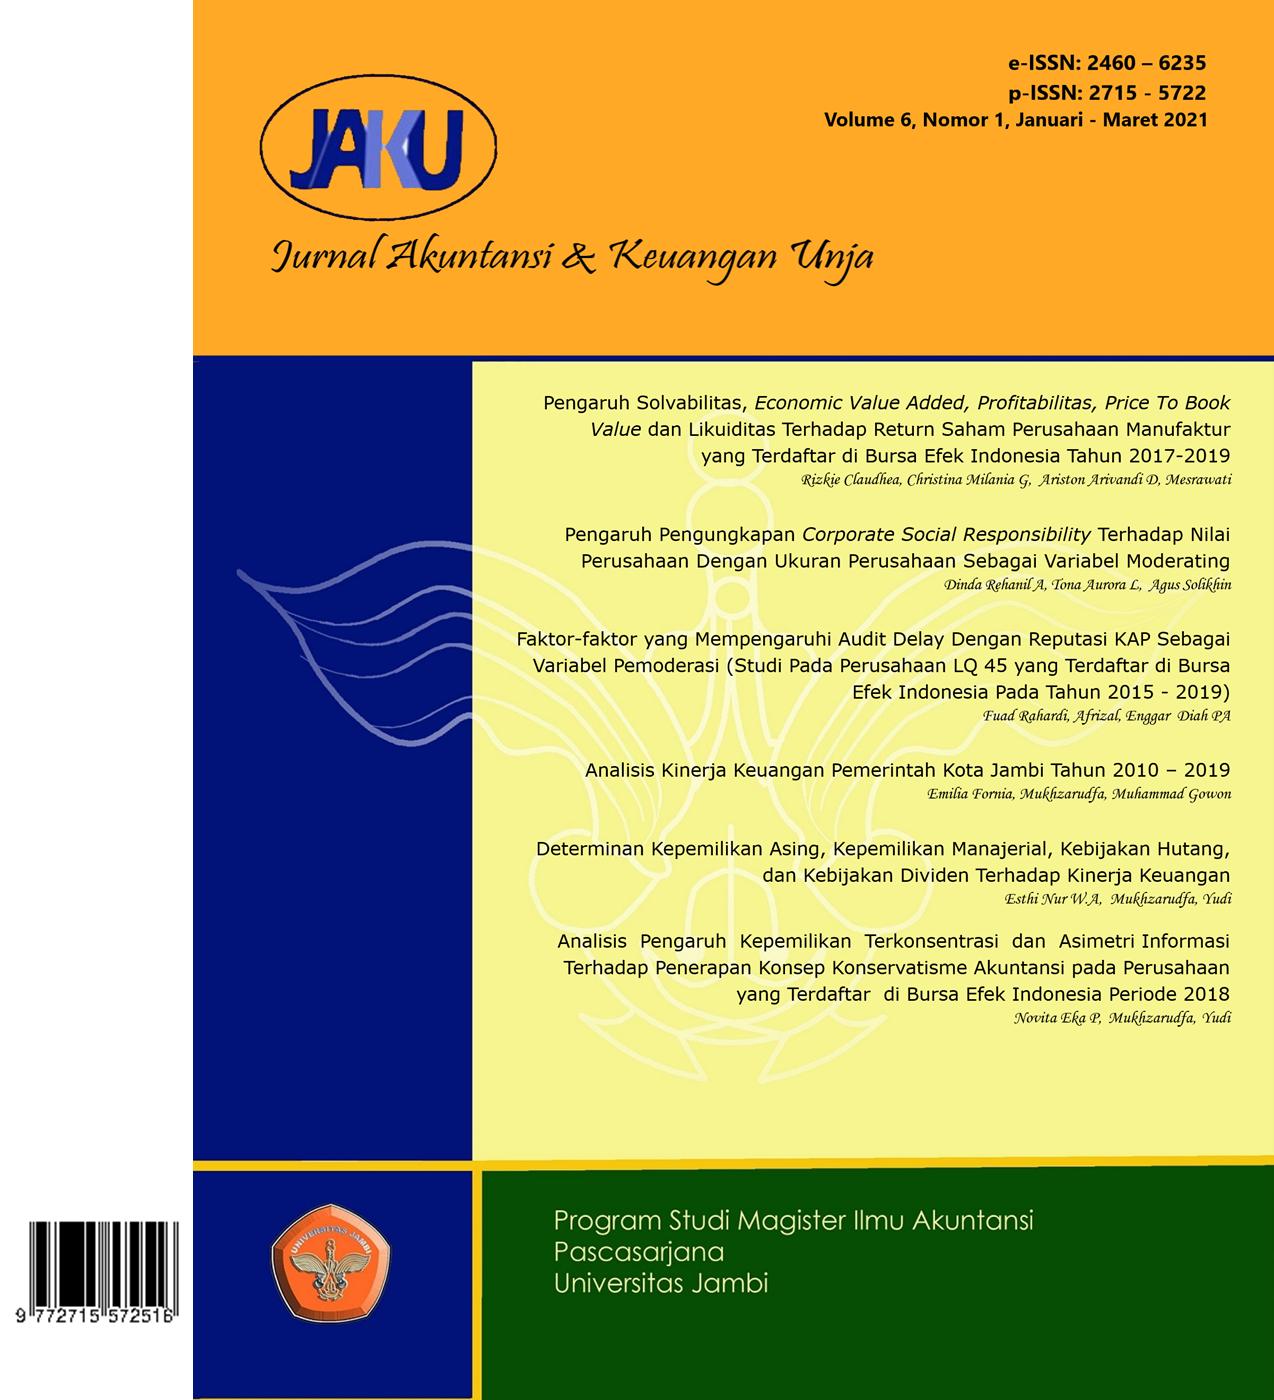 View Vol. 6 No. 1 (2021): Jurnal Akuntansi & Keuangan Unja